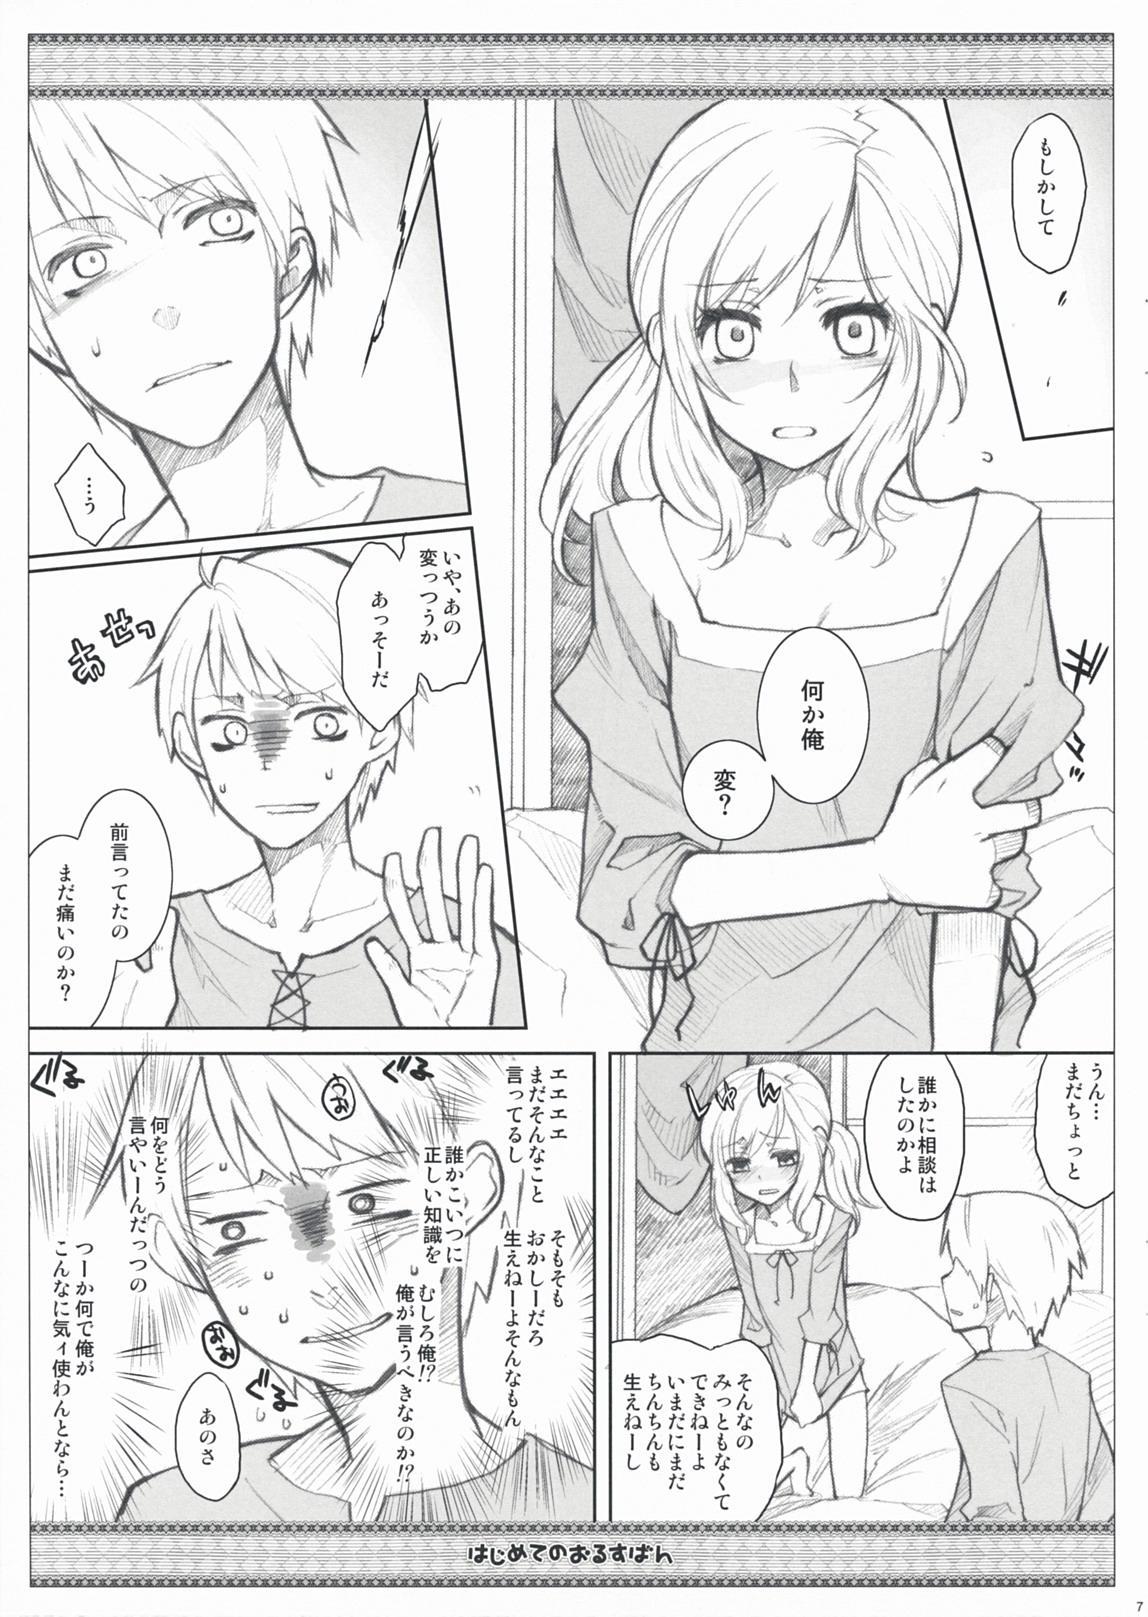 Hajimete no Orosuban 6